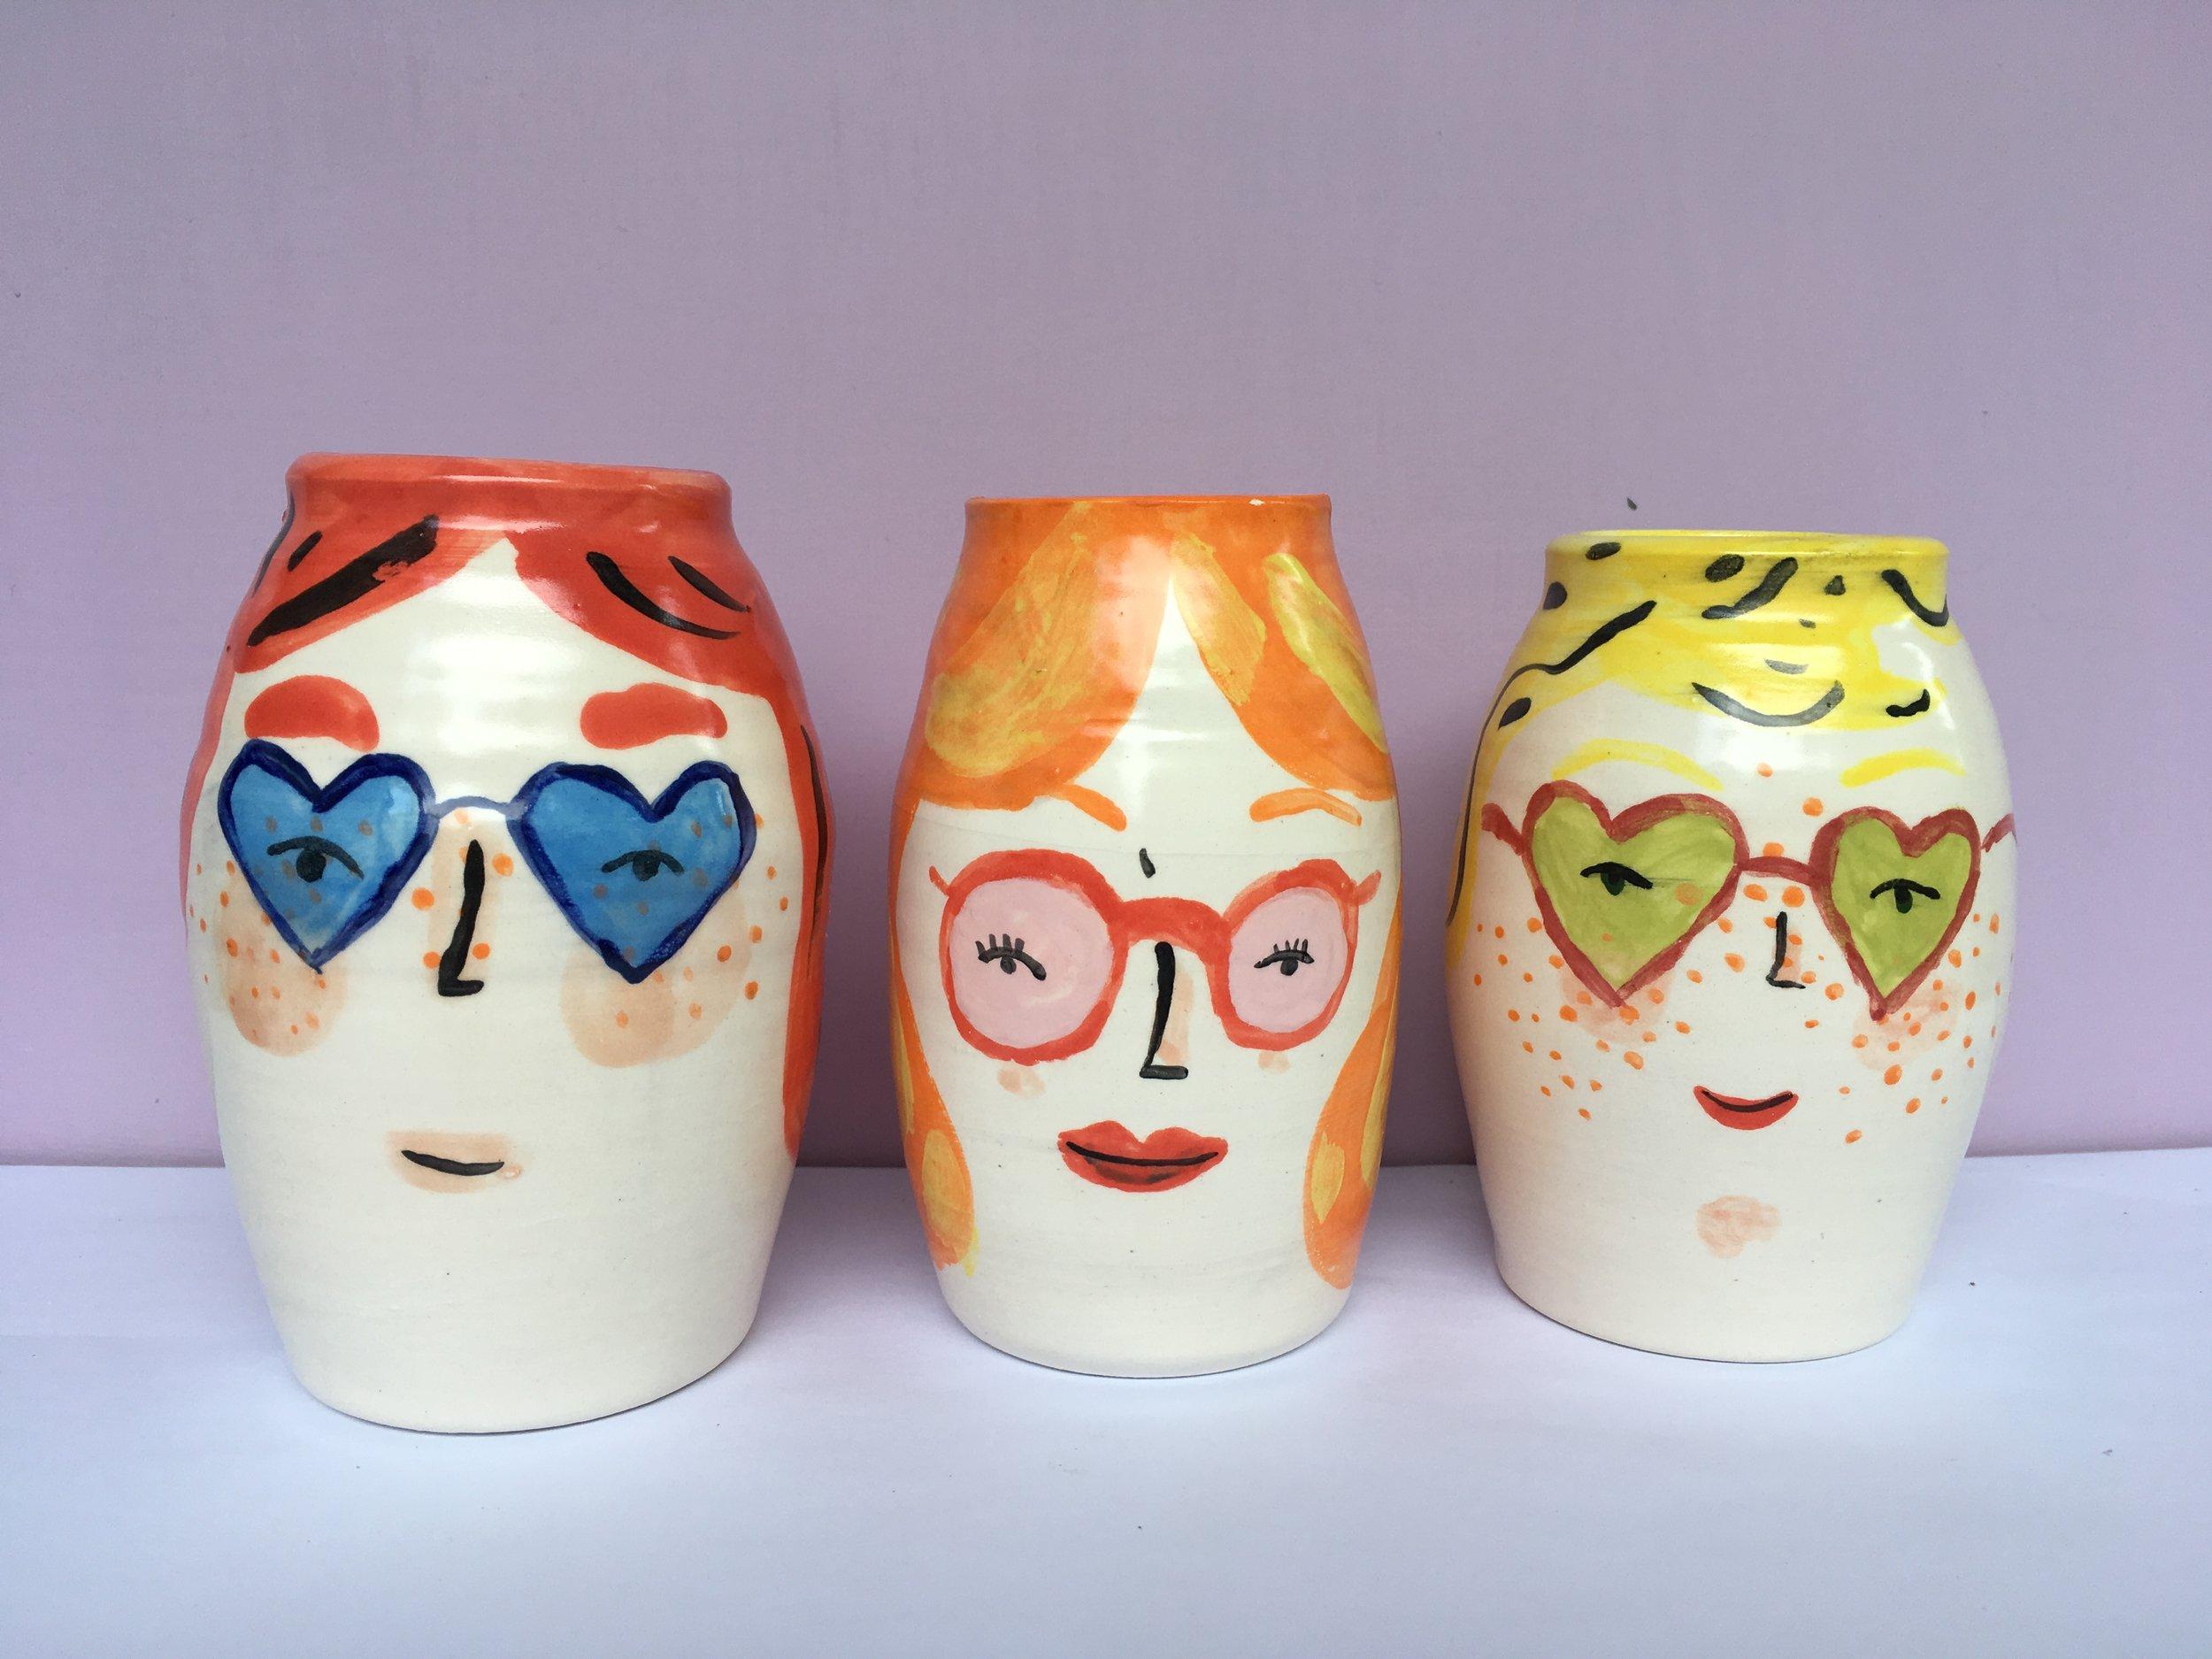 red orange yellow vases